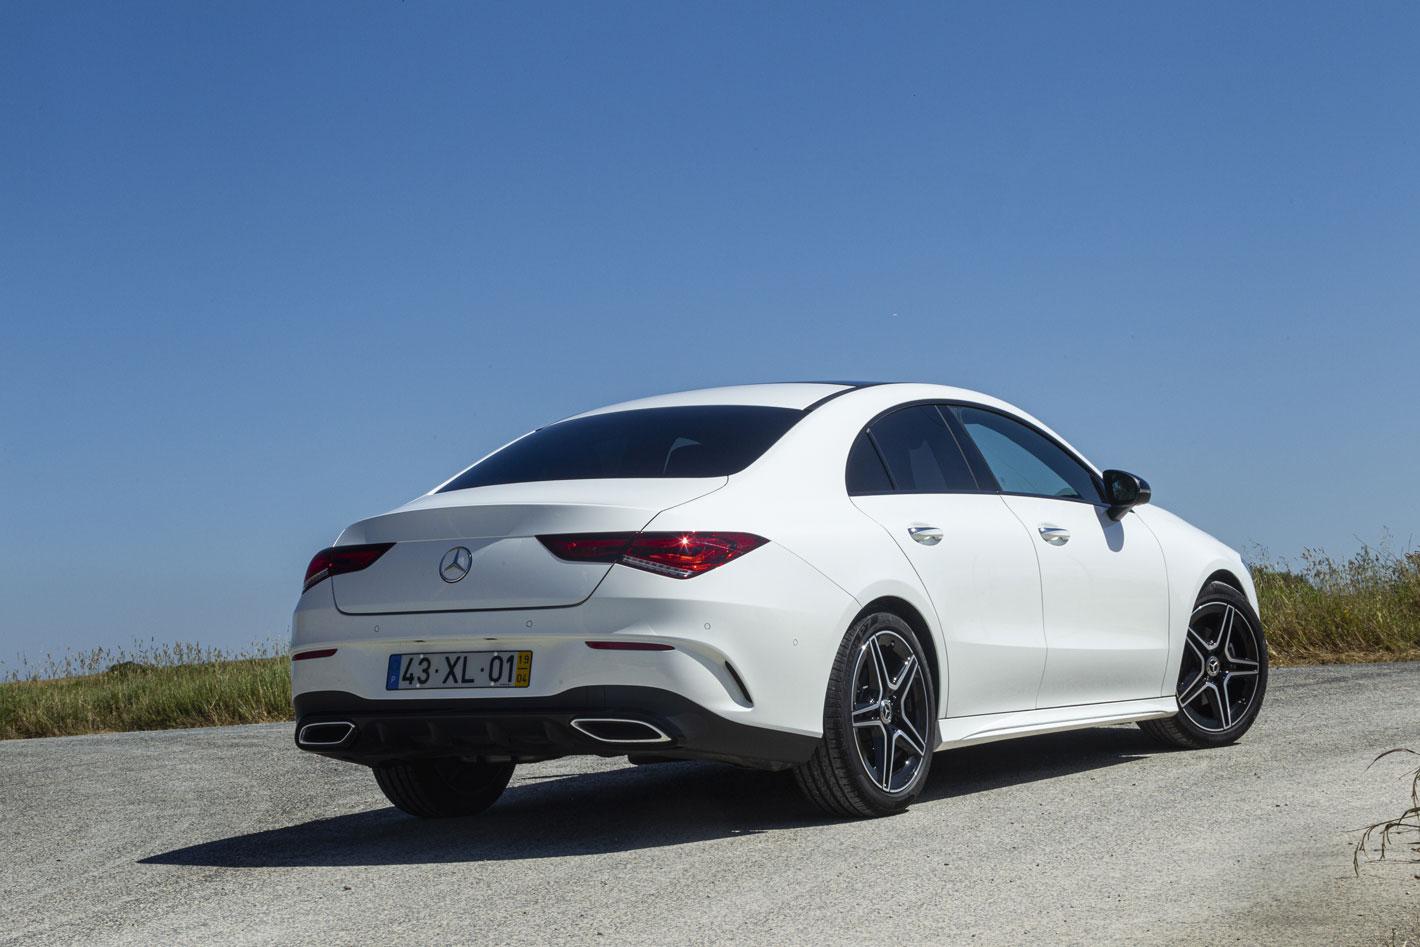 Mercedes-Benz CLA 180d